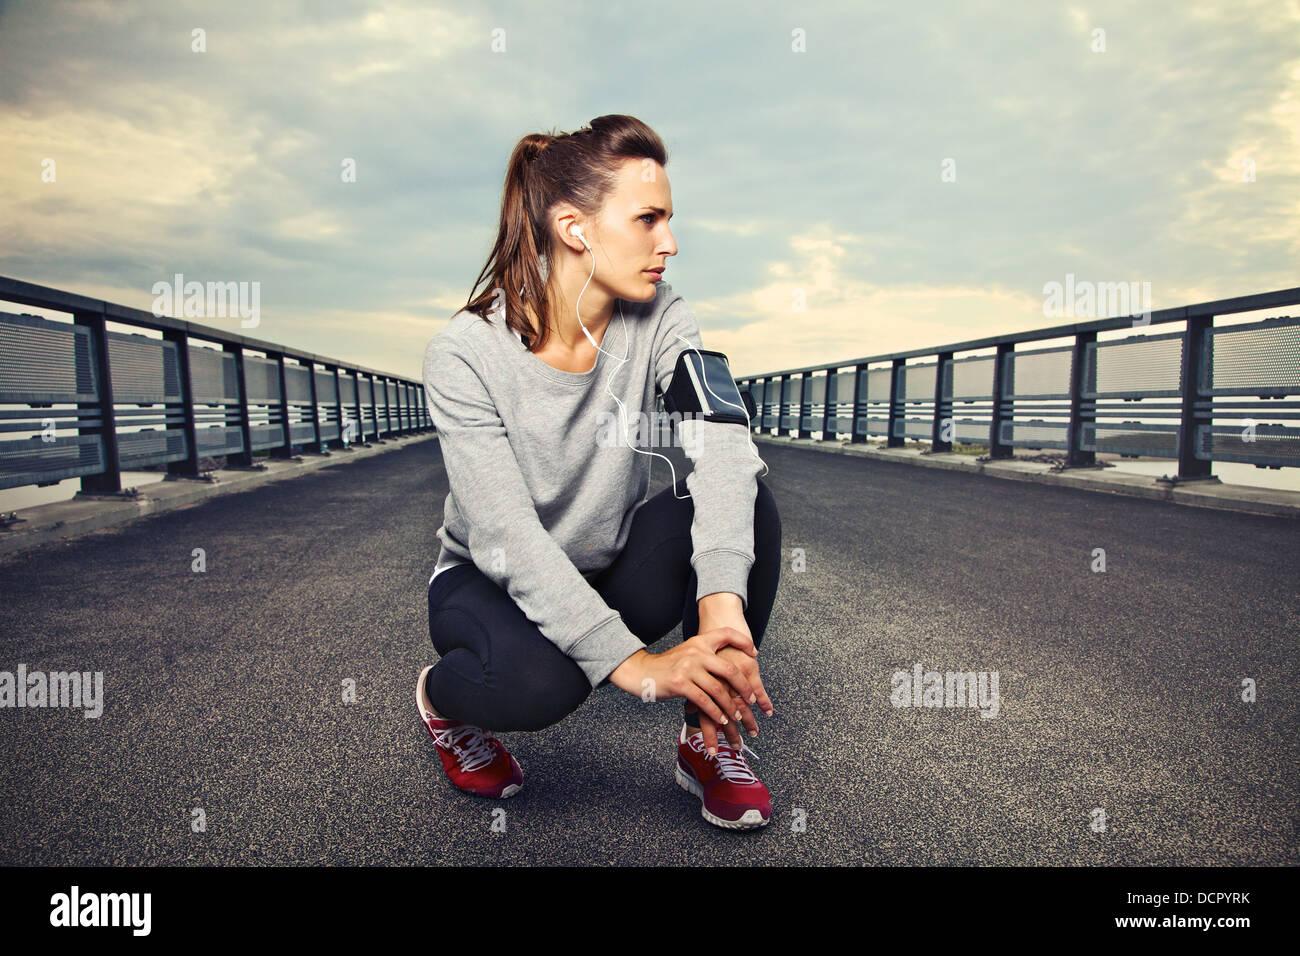 Femmina runner fitness seduto da solo sul ponte di appoggio Immagini Stock